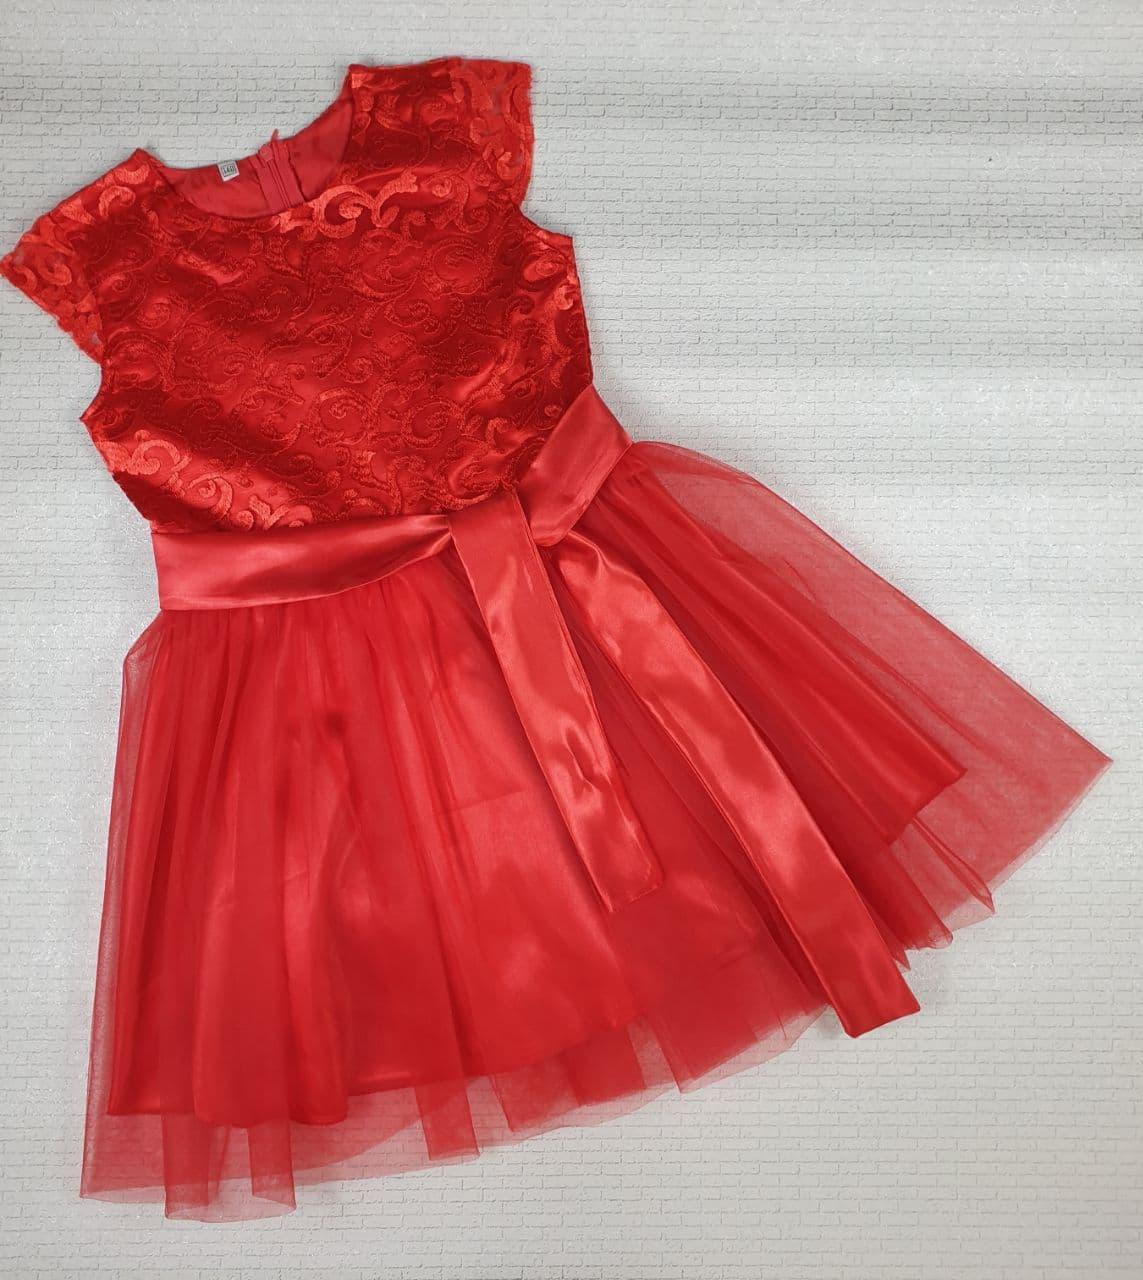 Нарядное платье на девочку БЕЛОСНЕЖКА 140, 146, 152 см, красный